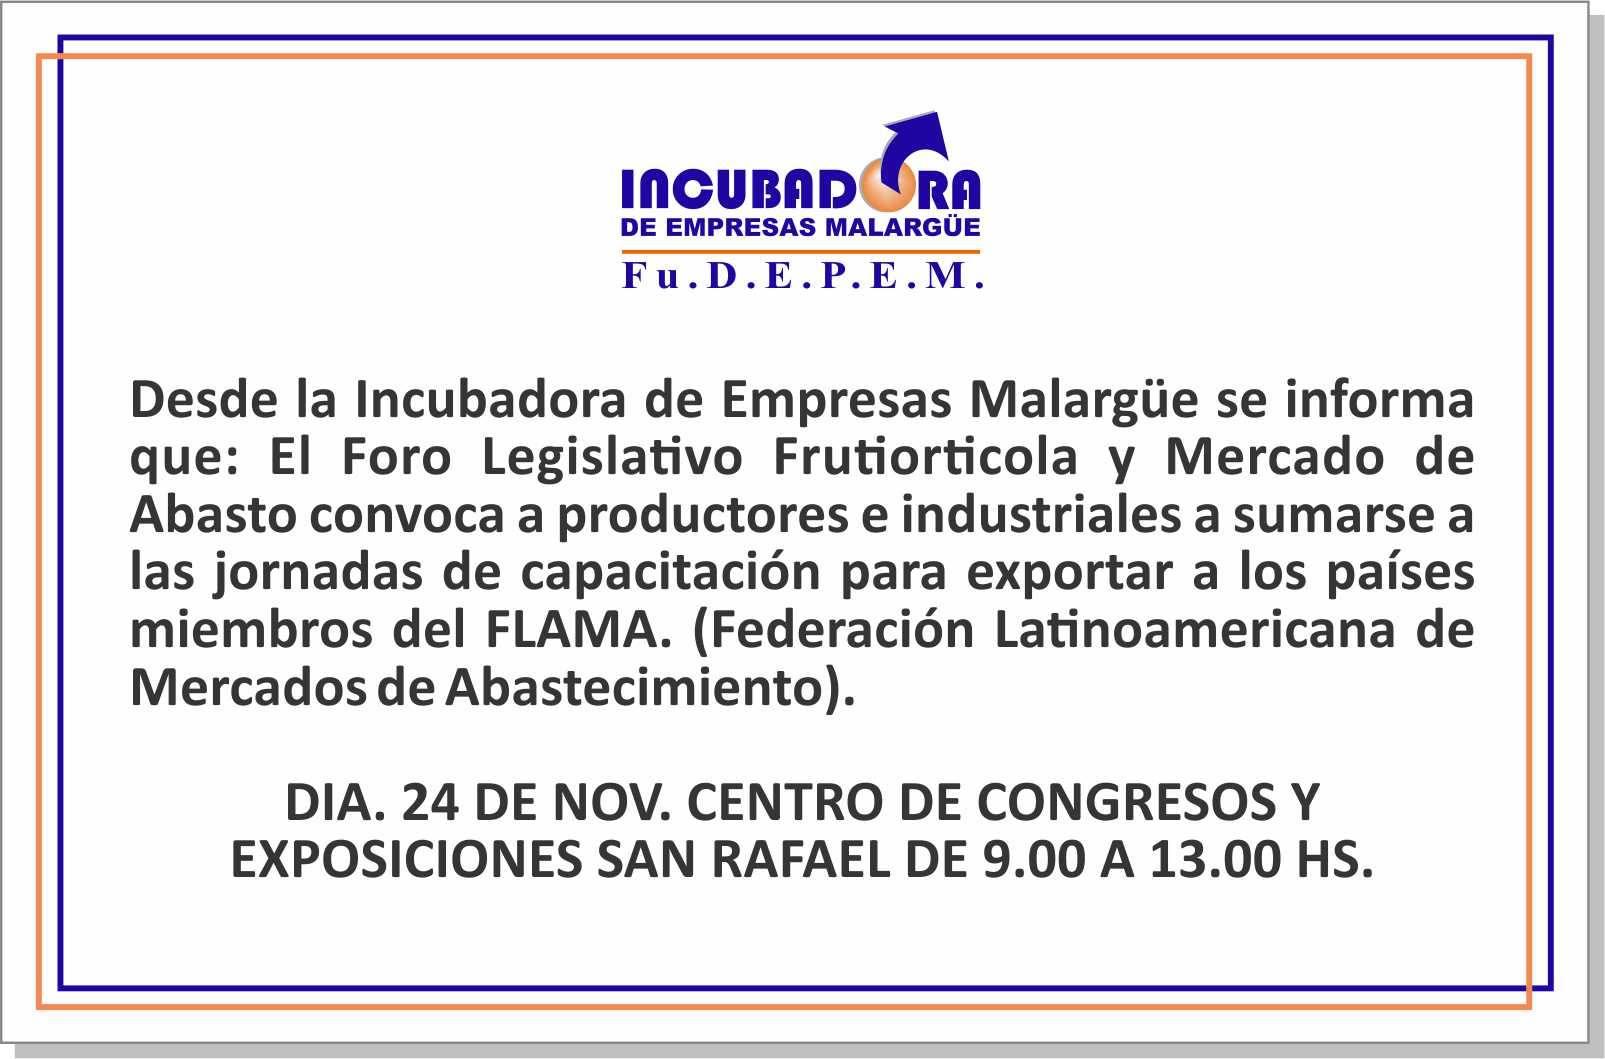 Foro Legislativo Frutihortícola y Mercado de Abasto